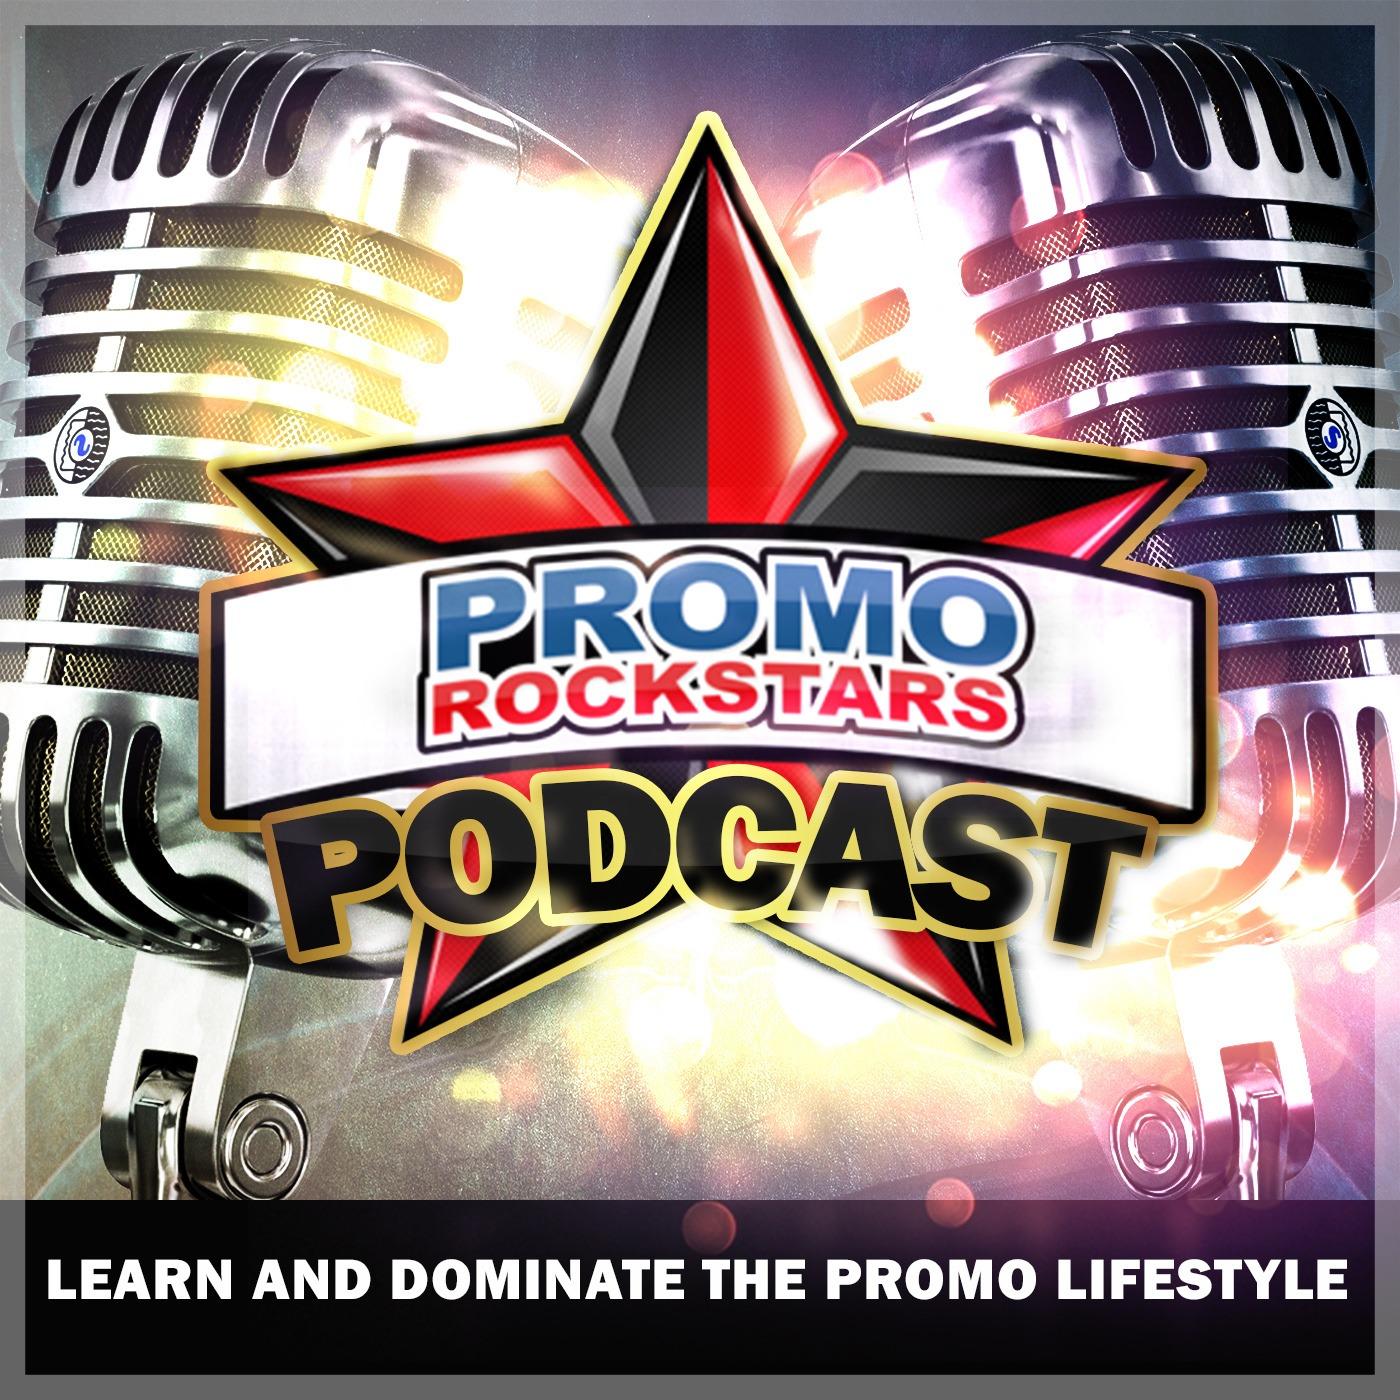 Promo Rockstars Podcast